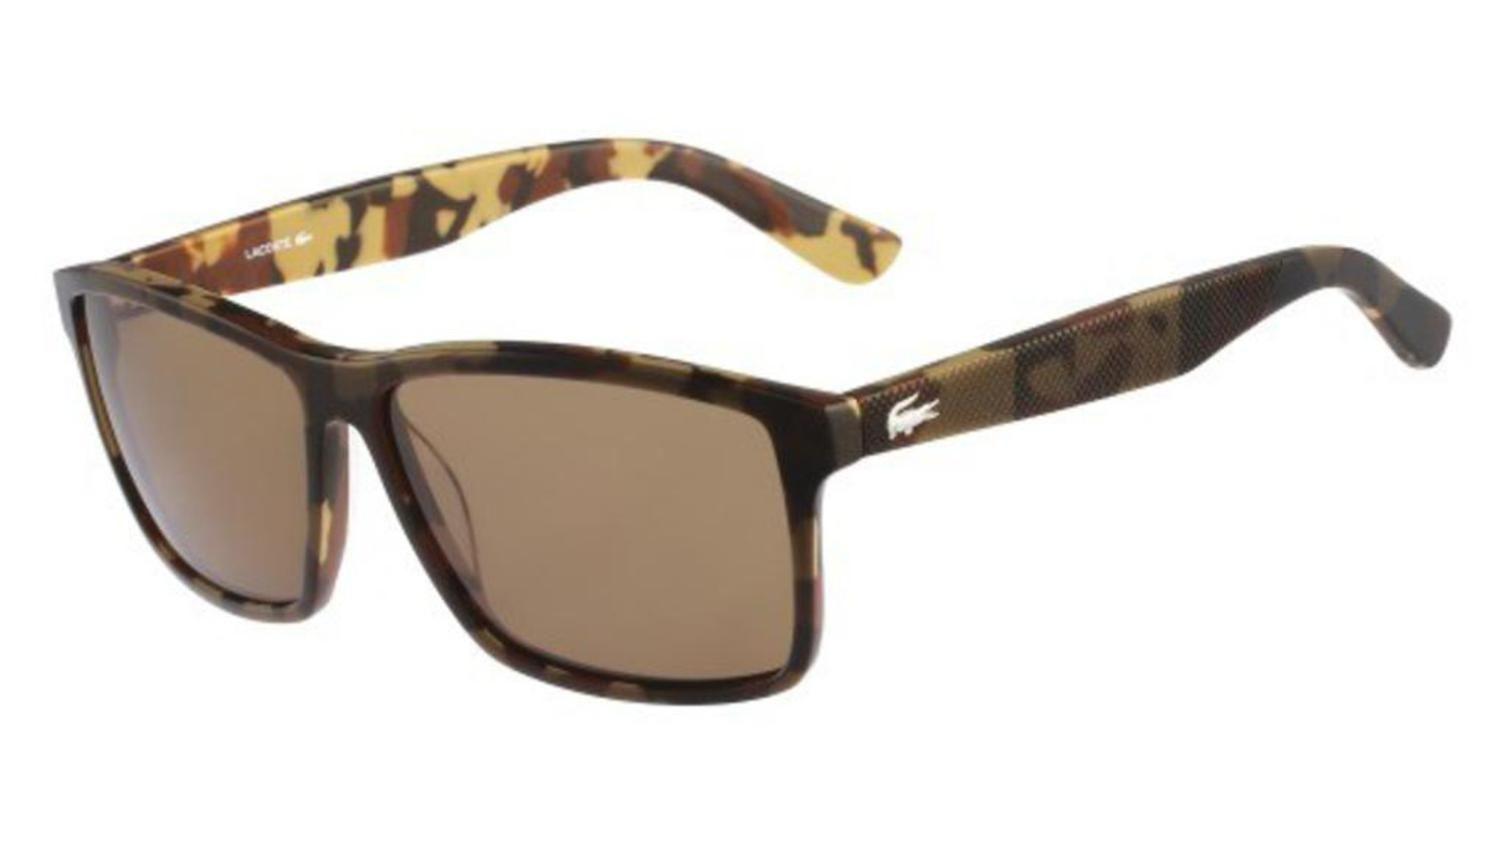 3dbeb7840 متاجر - الموضة النسائية - نظارات ماركة لاكوست للجنسين L705S 218